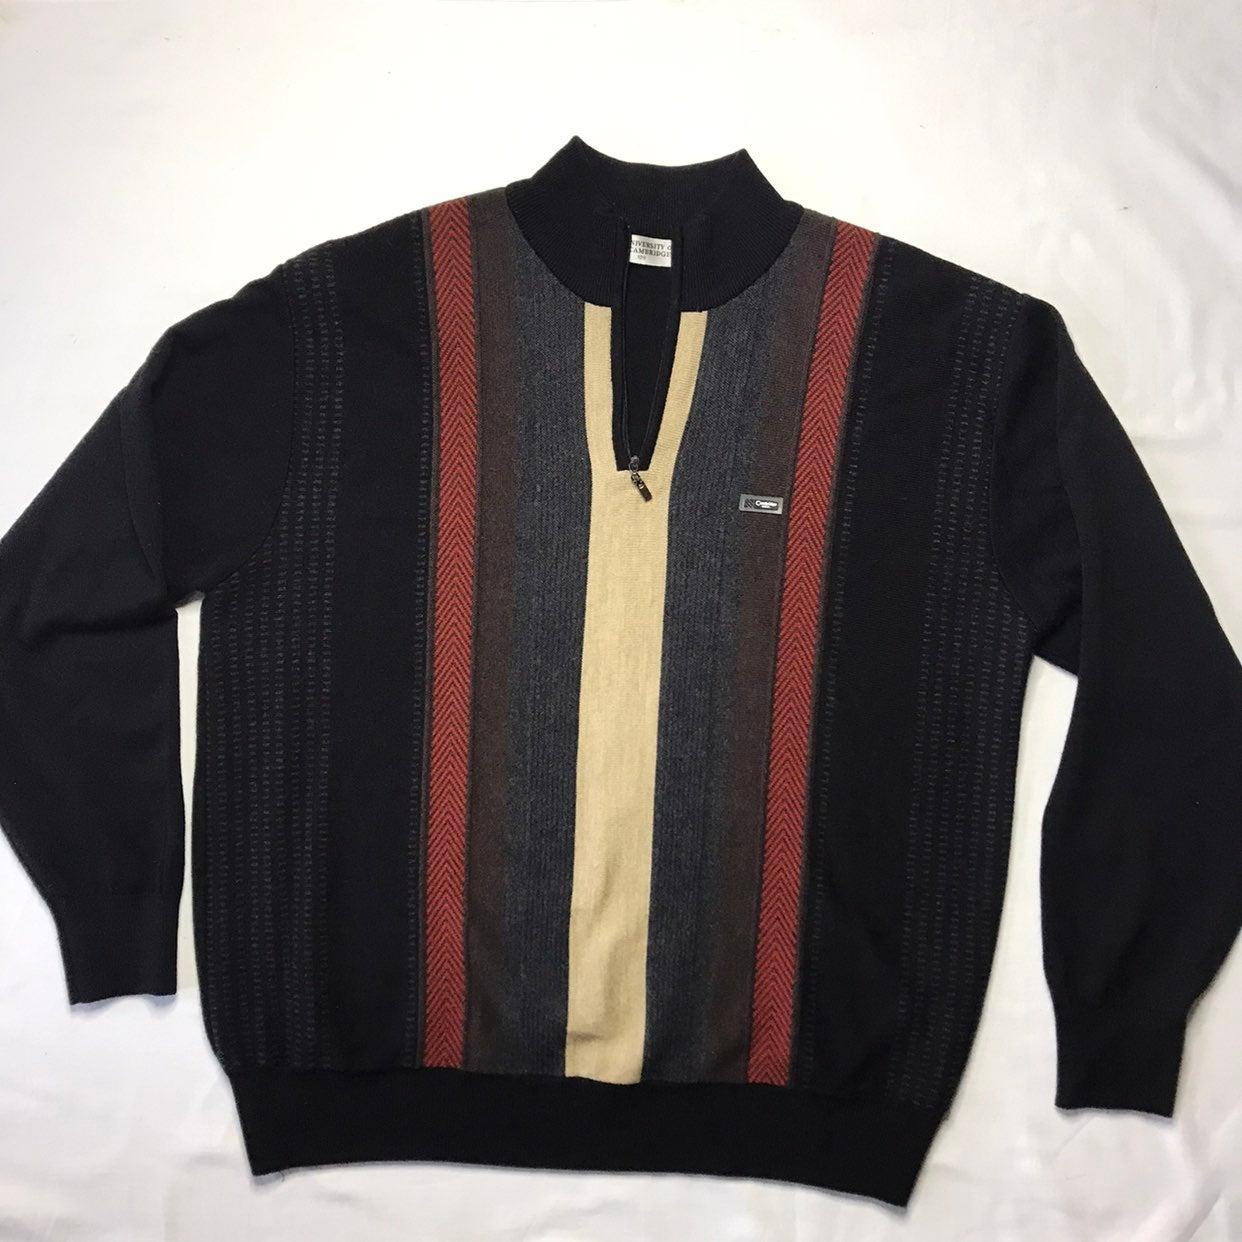 University of Cambridge Sweater